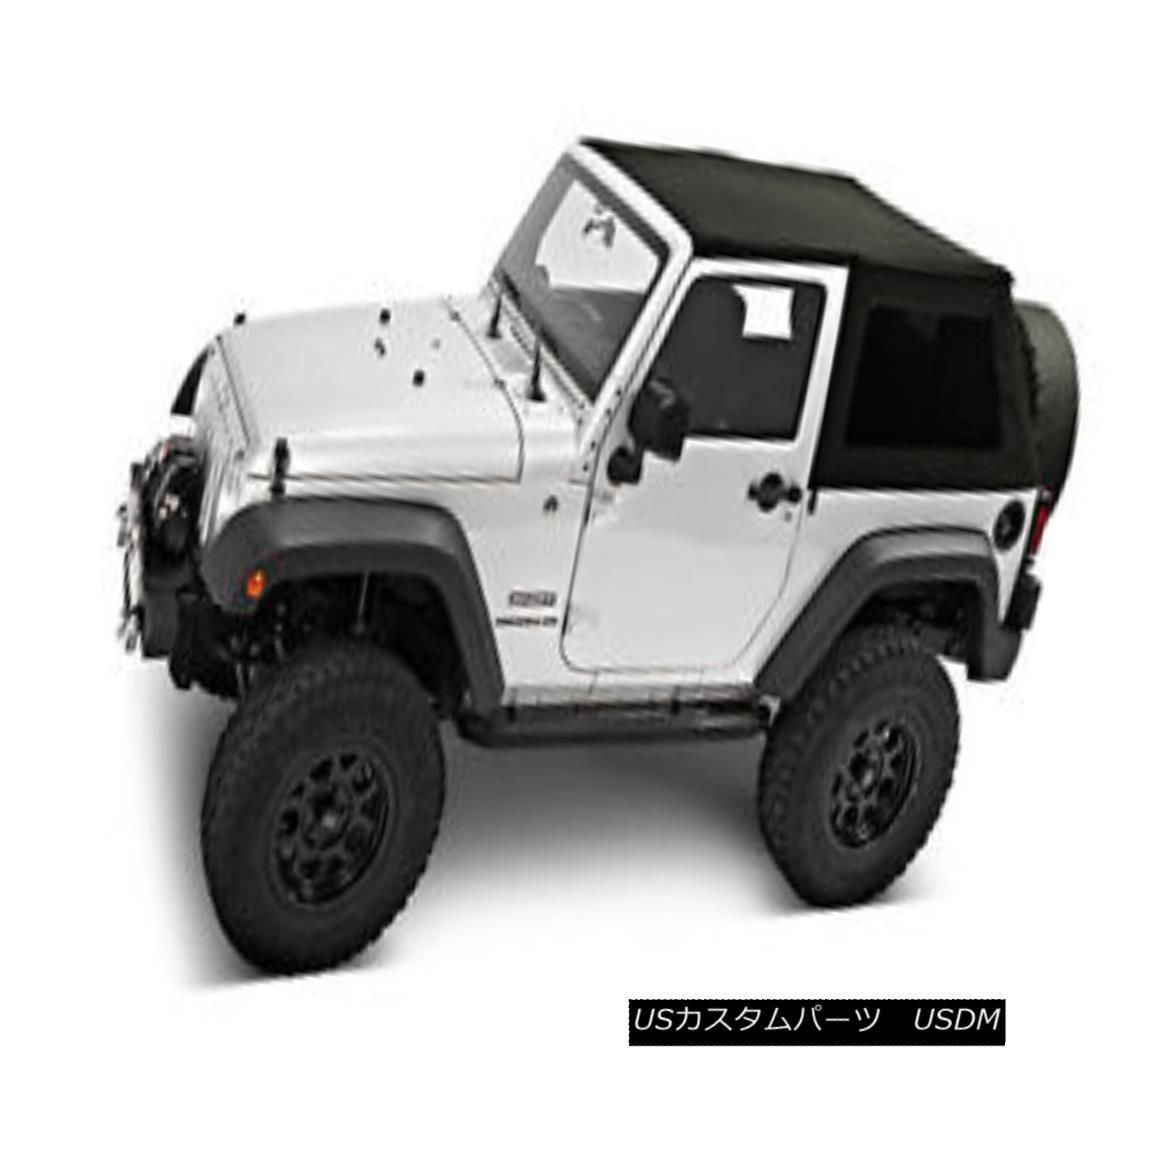 幌・ソフトトップ Pavement Ends Sprint Top Tinted Windows 07-09 Jeep Wrangler JK 2 Door Black 舗装終了スプリントトップティンテッドウィンドウ07-09ジープラングラーJK 2ドアブラック